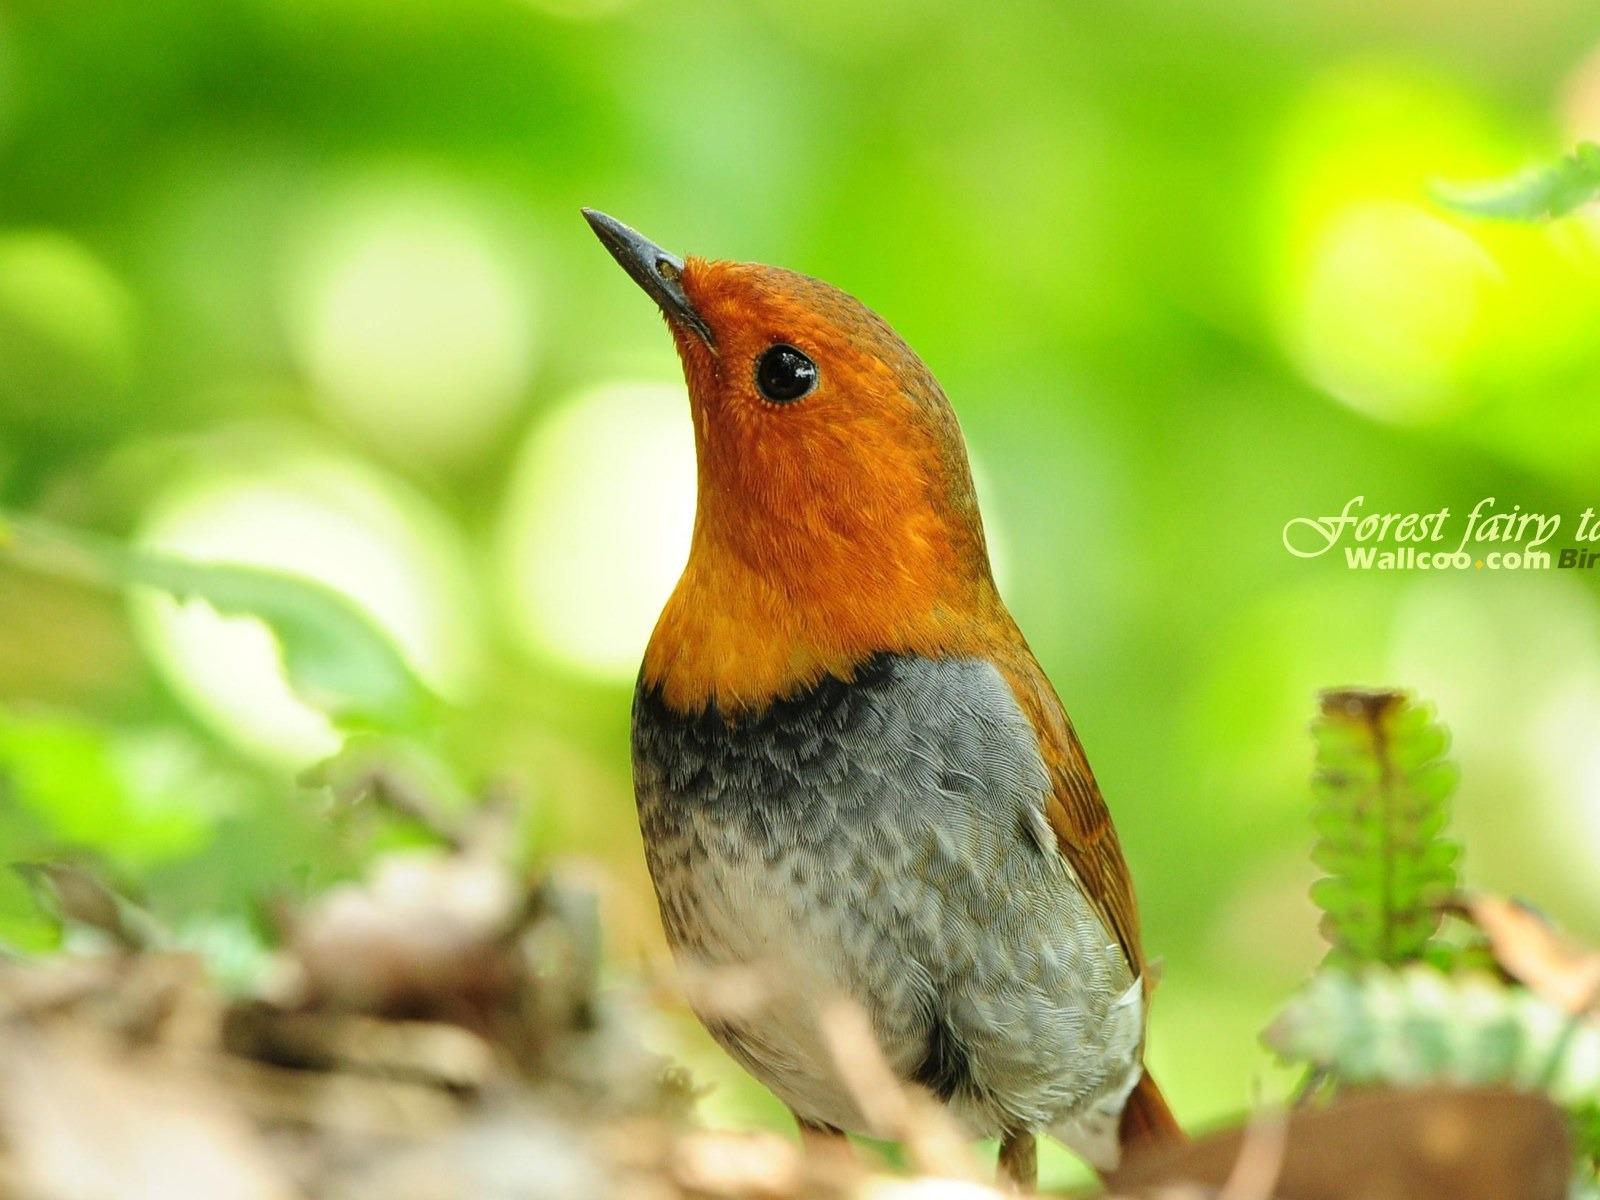 Beau papier peint des oiseaux au printemps #27 - 1600x1200 ...